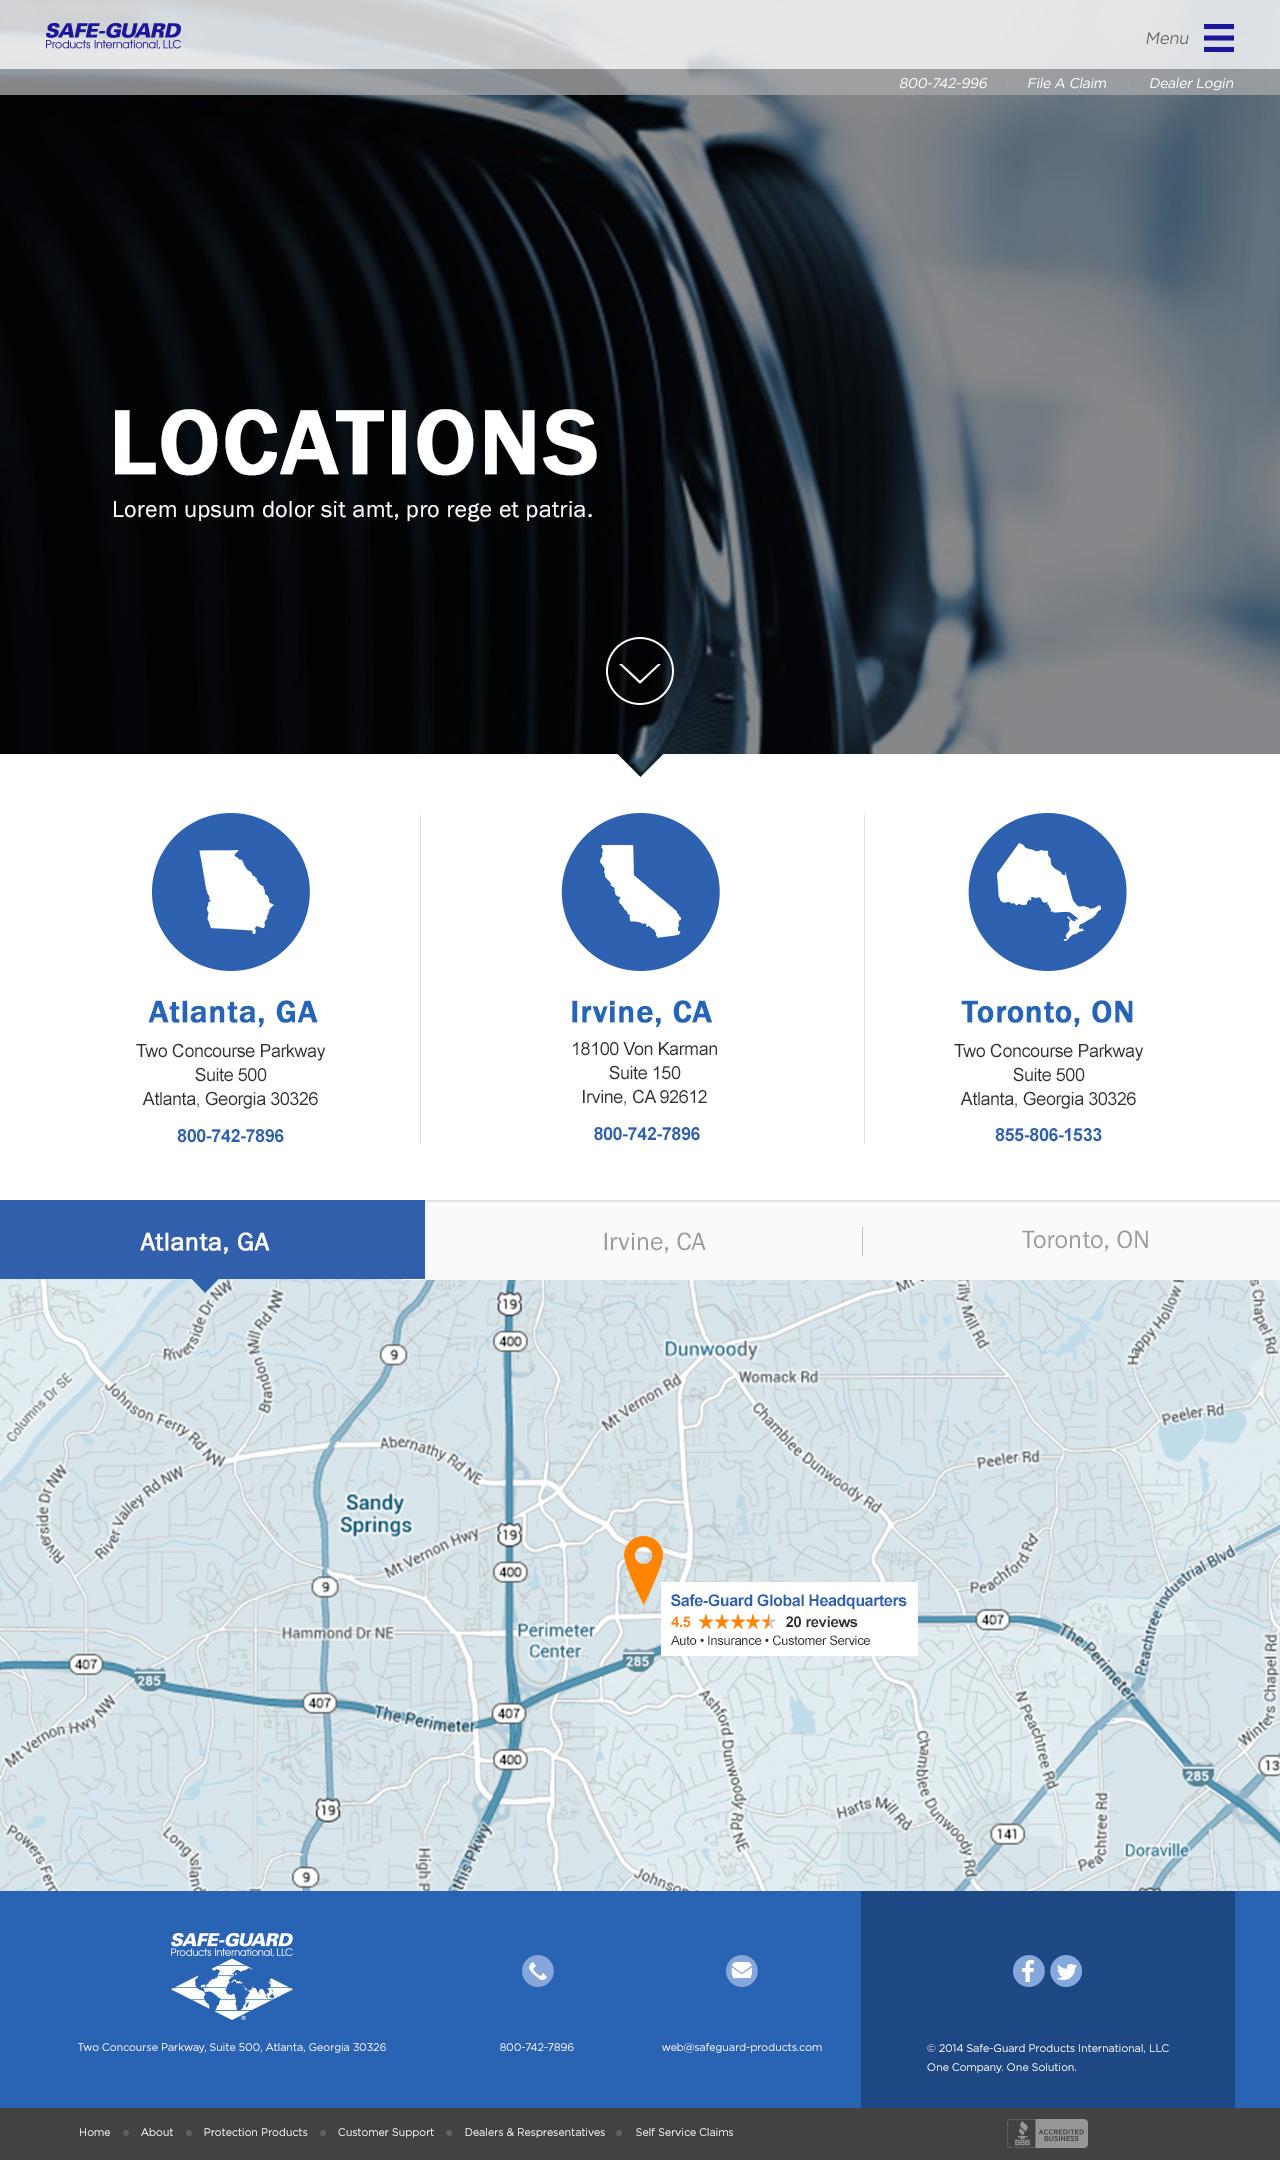 sg_locations_desktop.jpg